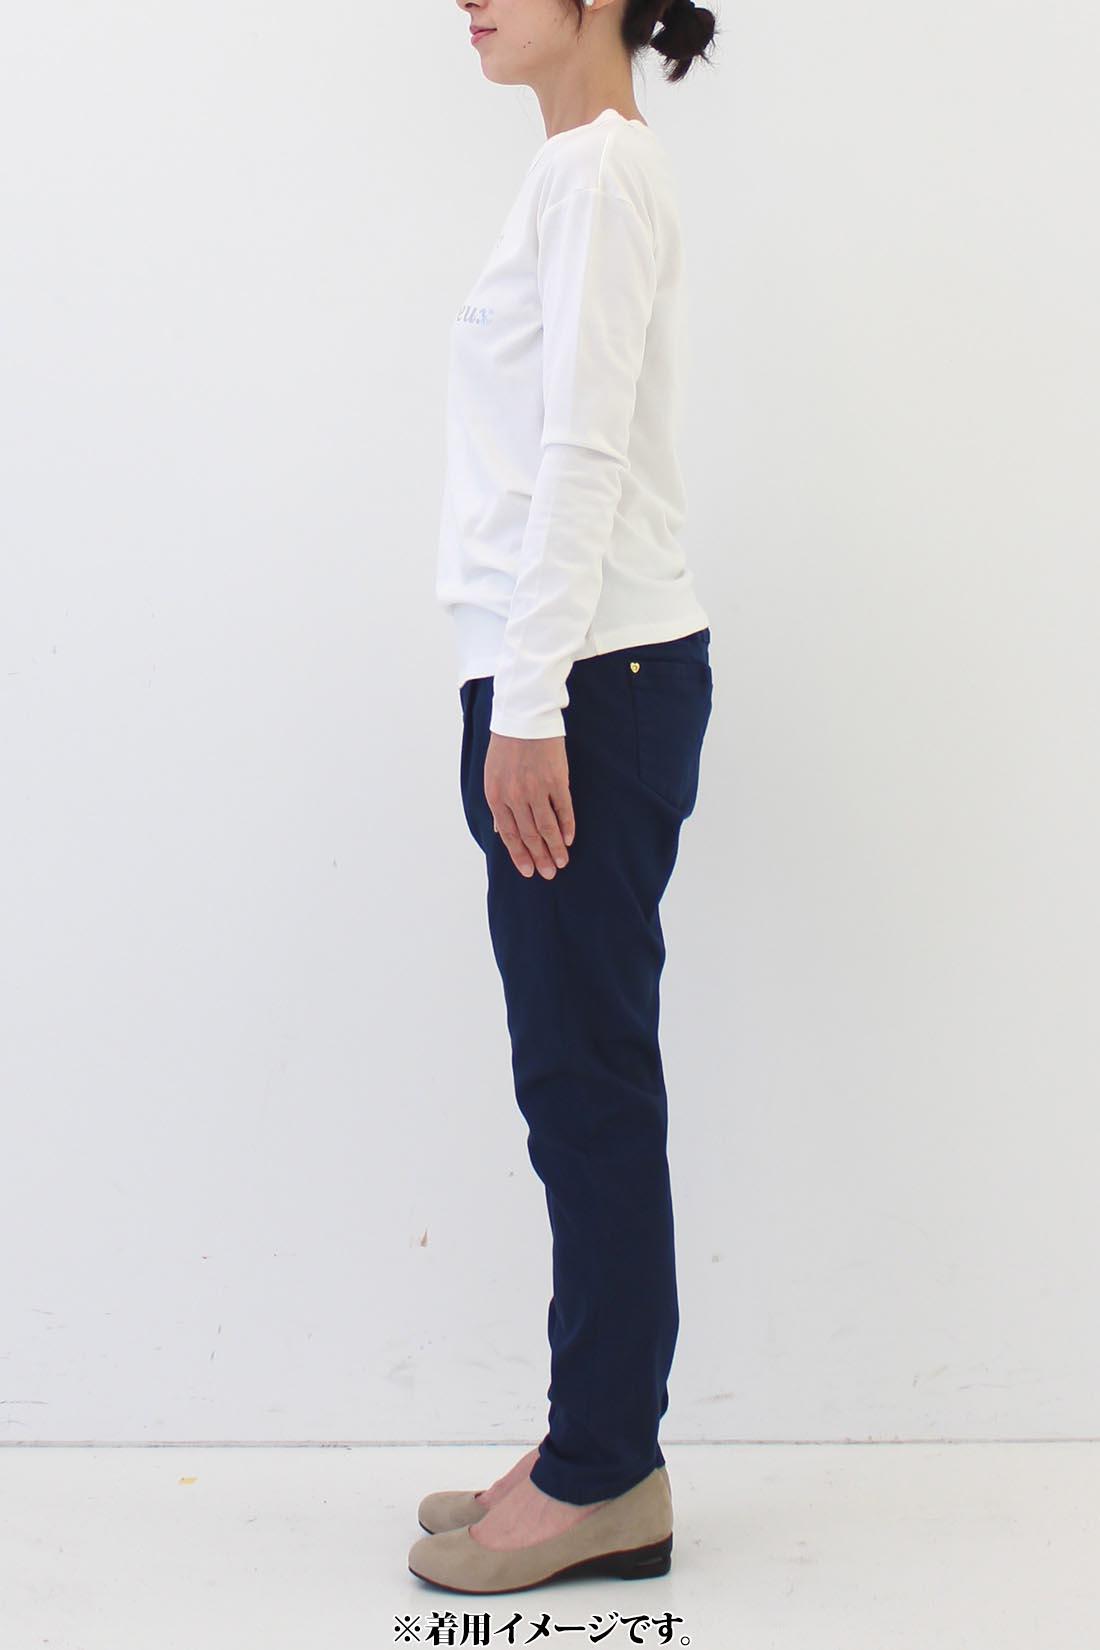 ★身長159cm・6サイズ(M)着用 ※着用イメージです。お届けするカラーとは異なります。